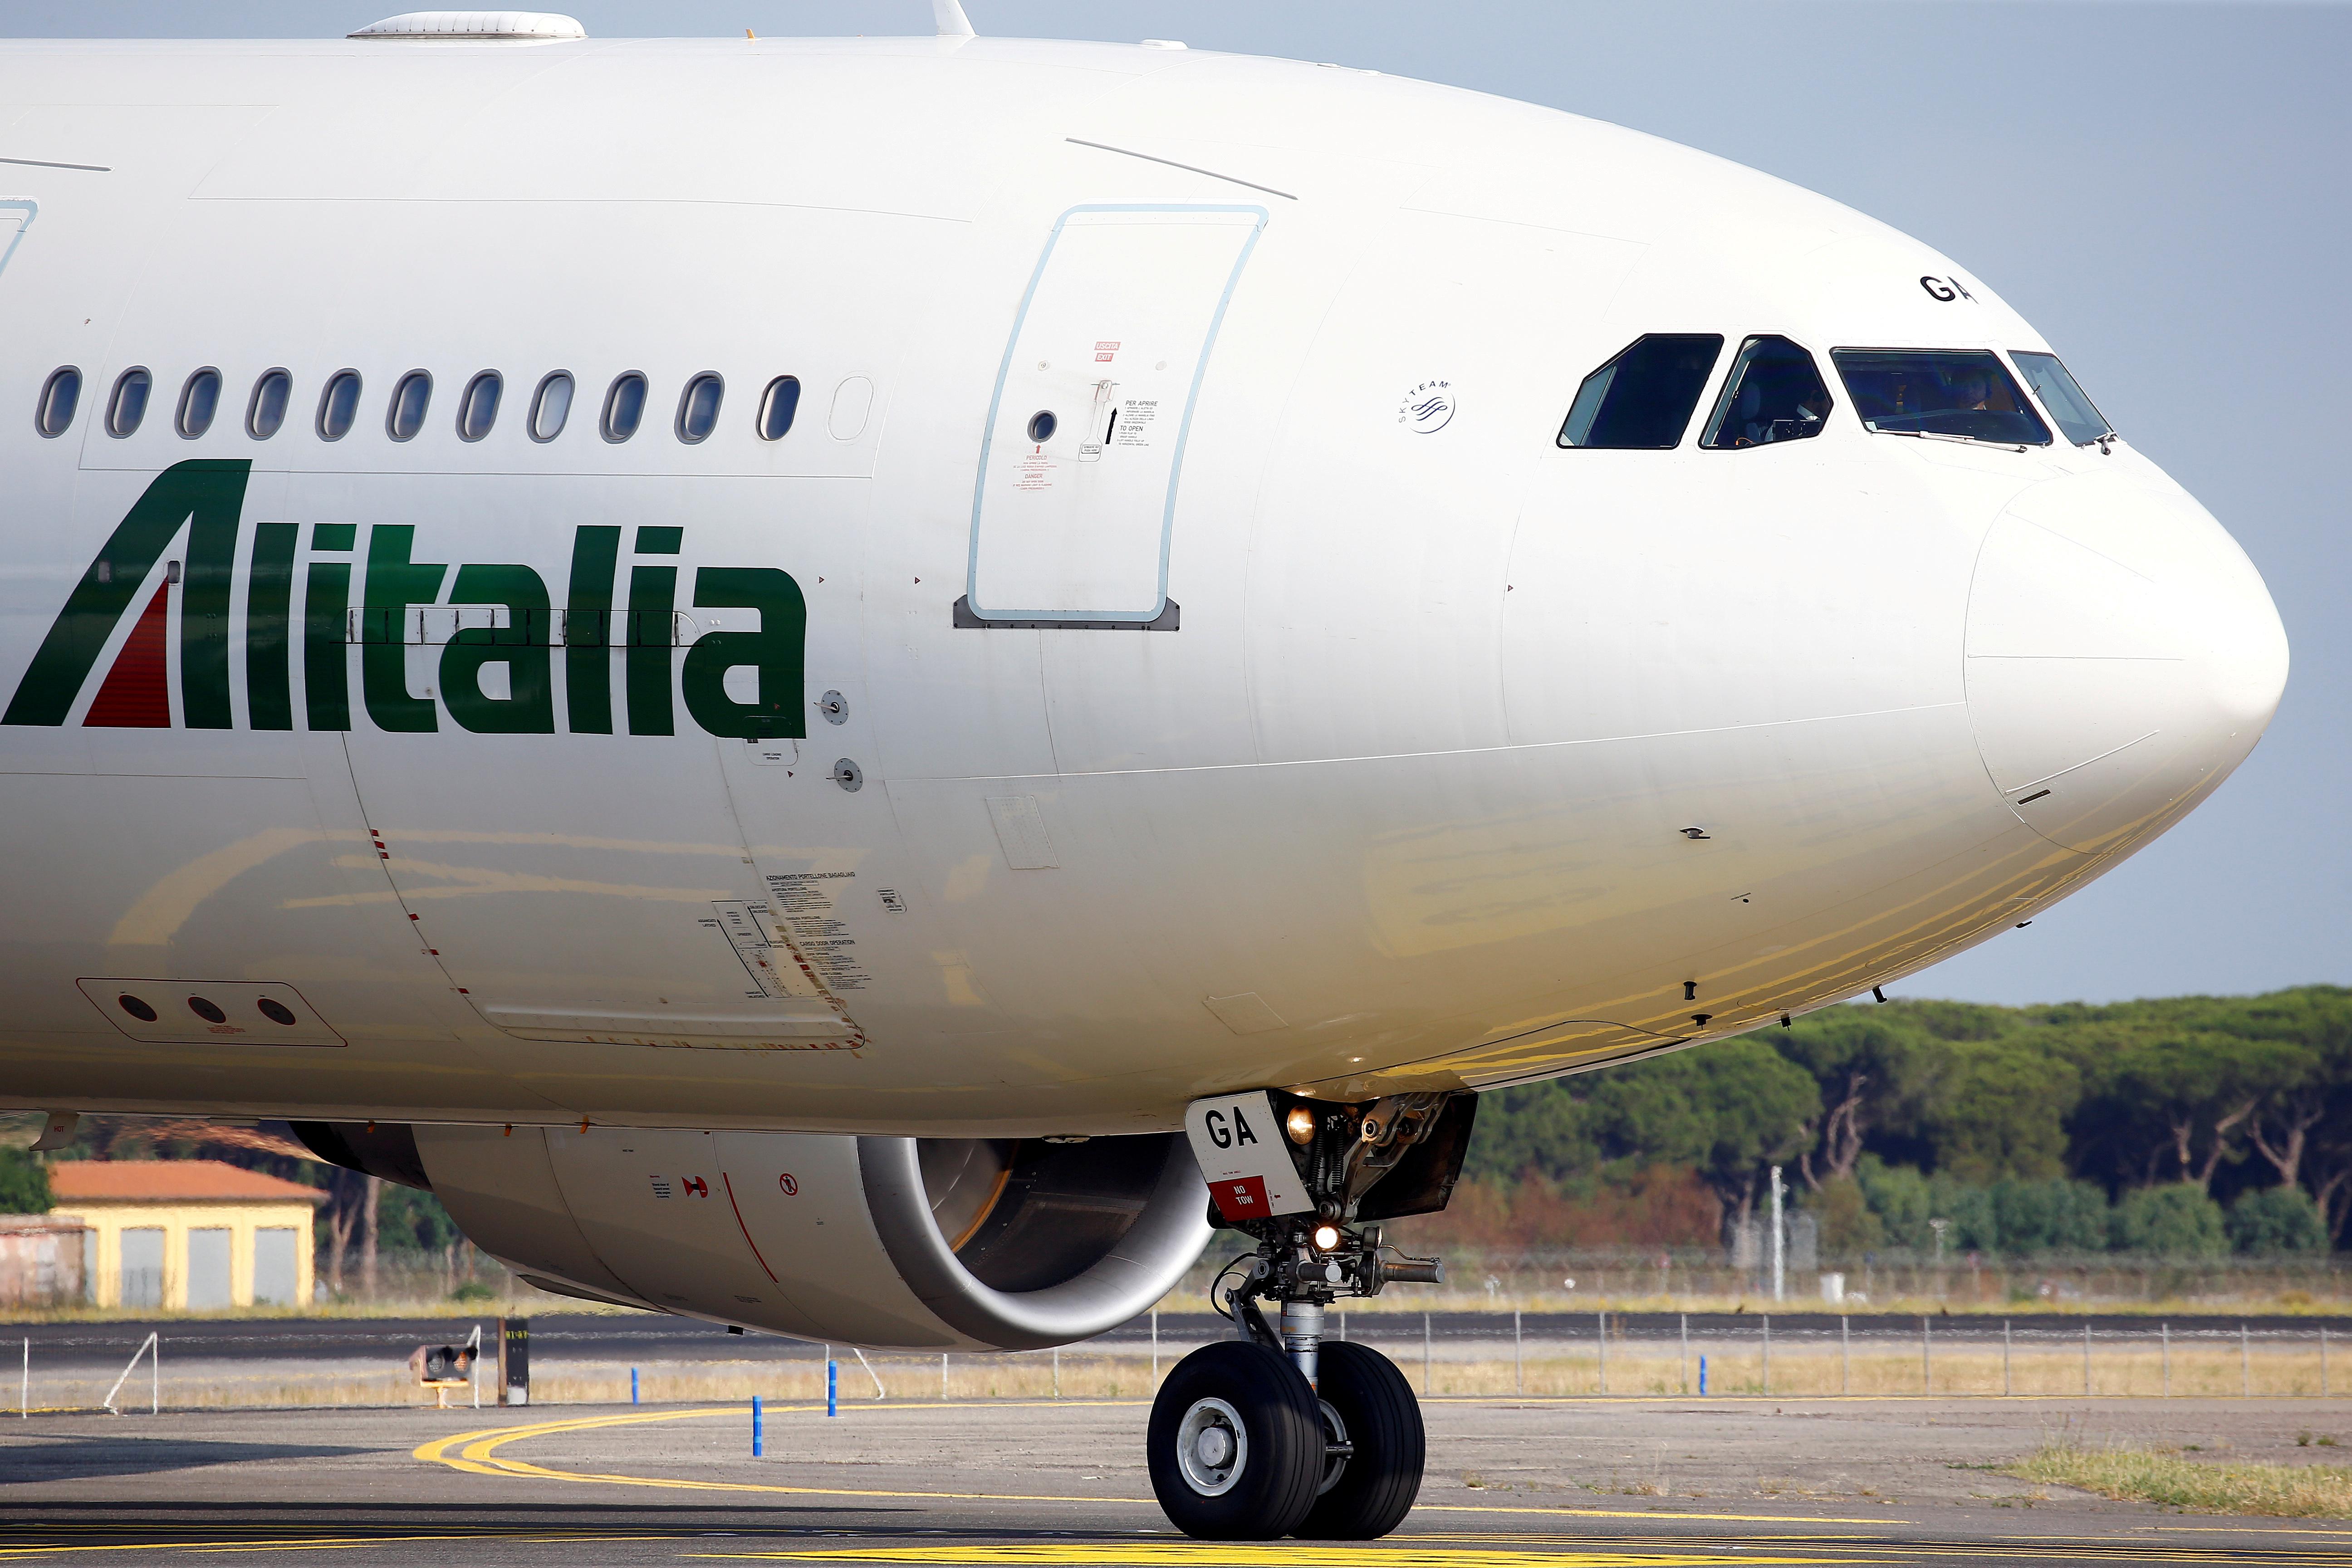 An Alitalia plane is seen before take-off from the Leonardo da Vinci-Fiumicino Airport in Rome, Italy, June 21, 2018. REUTERS/Stefano Rellandini/File Photo